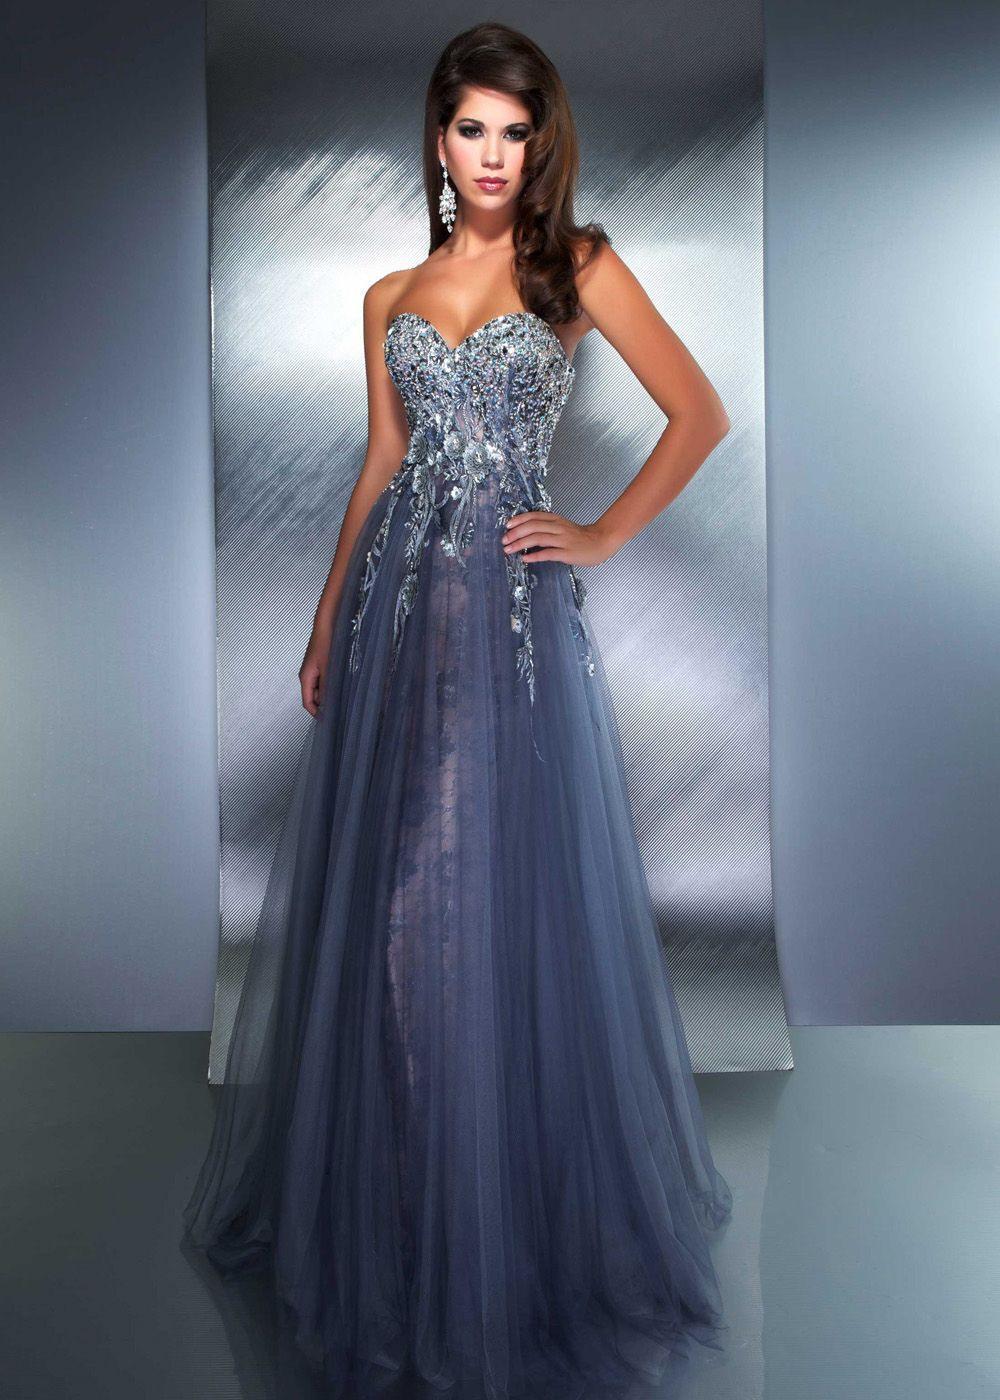 20 Luxus Abendkleider Queen Galerie10 Perfekt Abendkleider Queen Bester Preis